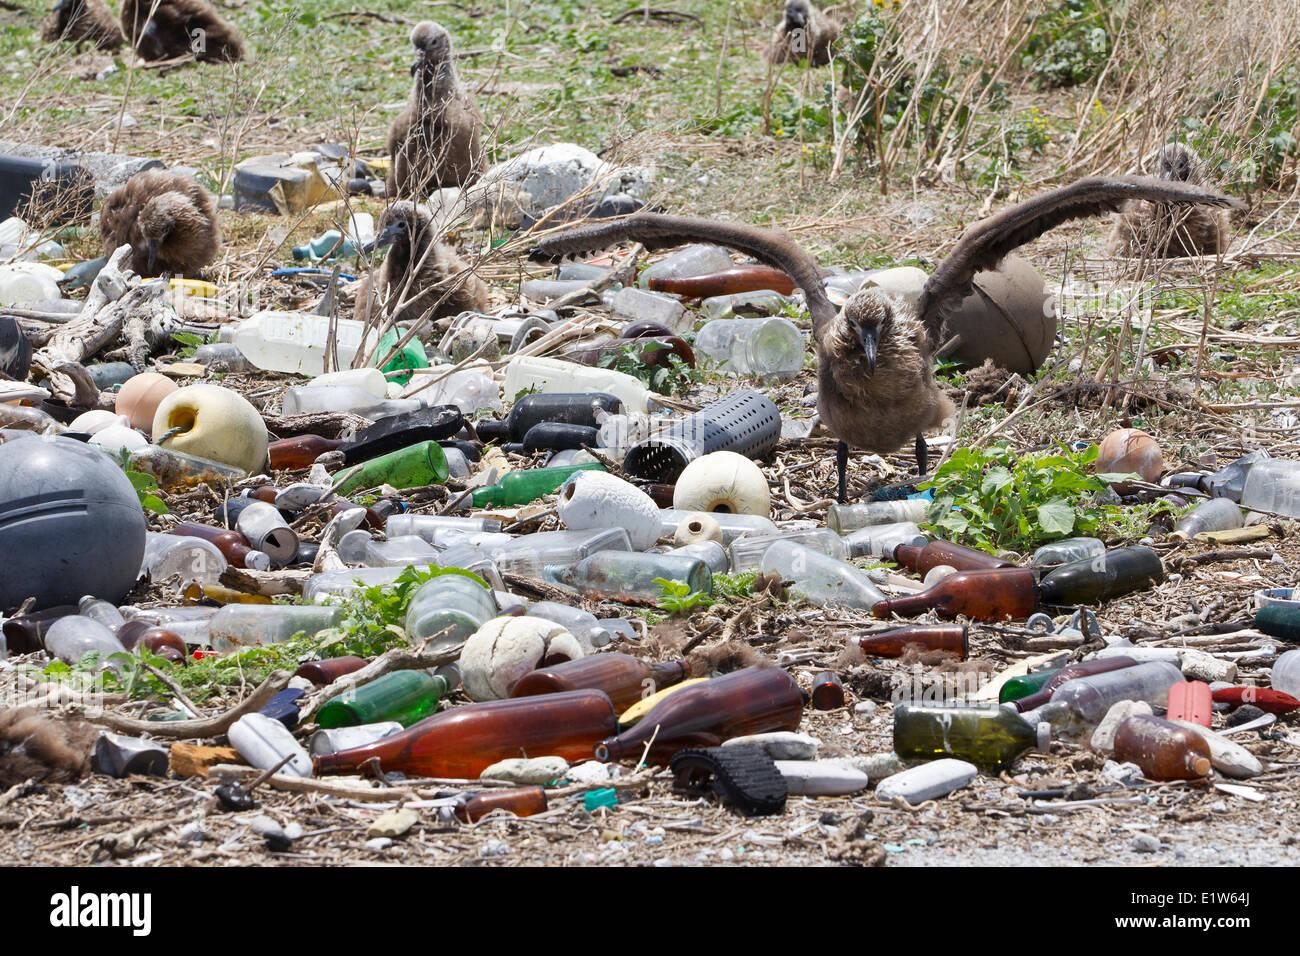 Albatros de Laysan (Phoebastria immutabilis) colonie de nidification recueillies à déchets en plastique Photo Stock